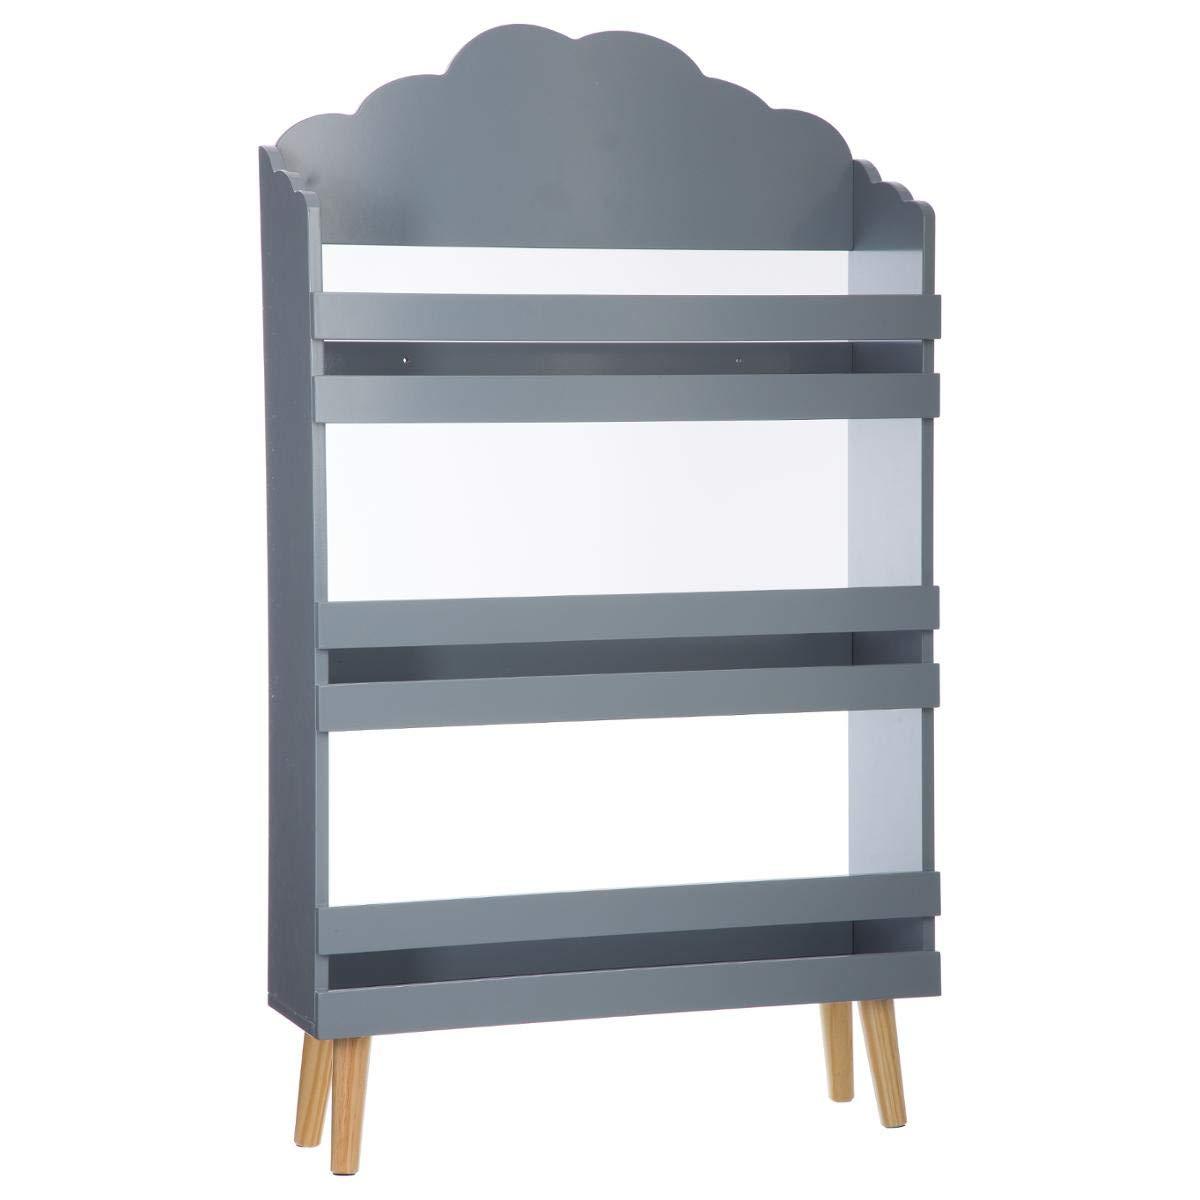 Bücherregal für Kinder mit 3 Ablagen - Wolken-Motiv - Farbe GRAU